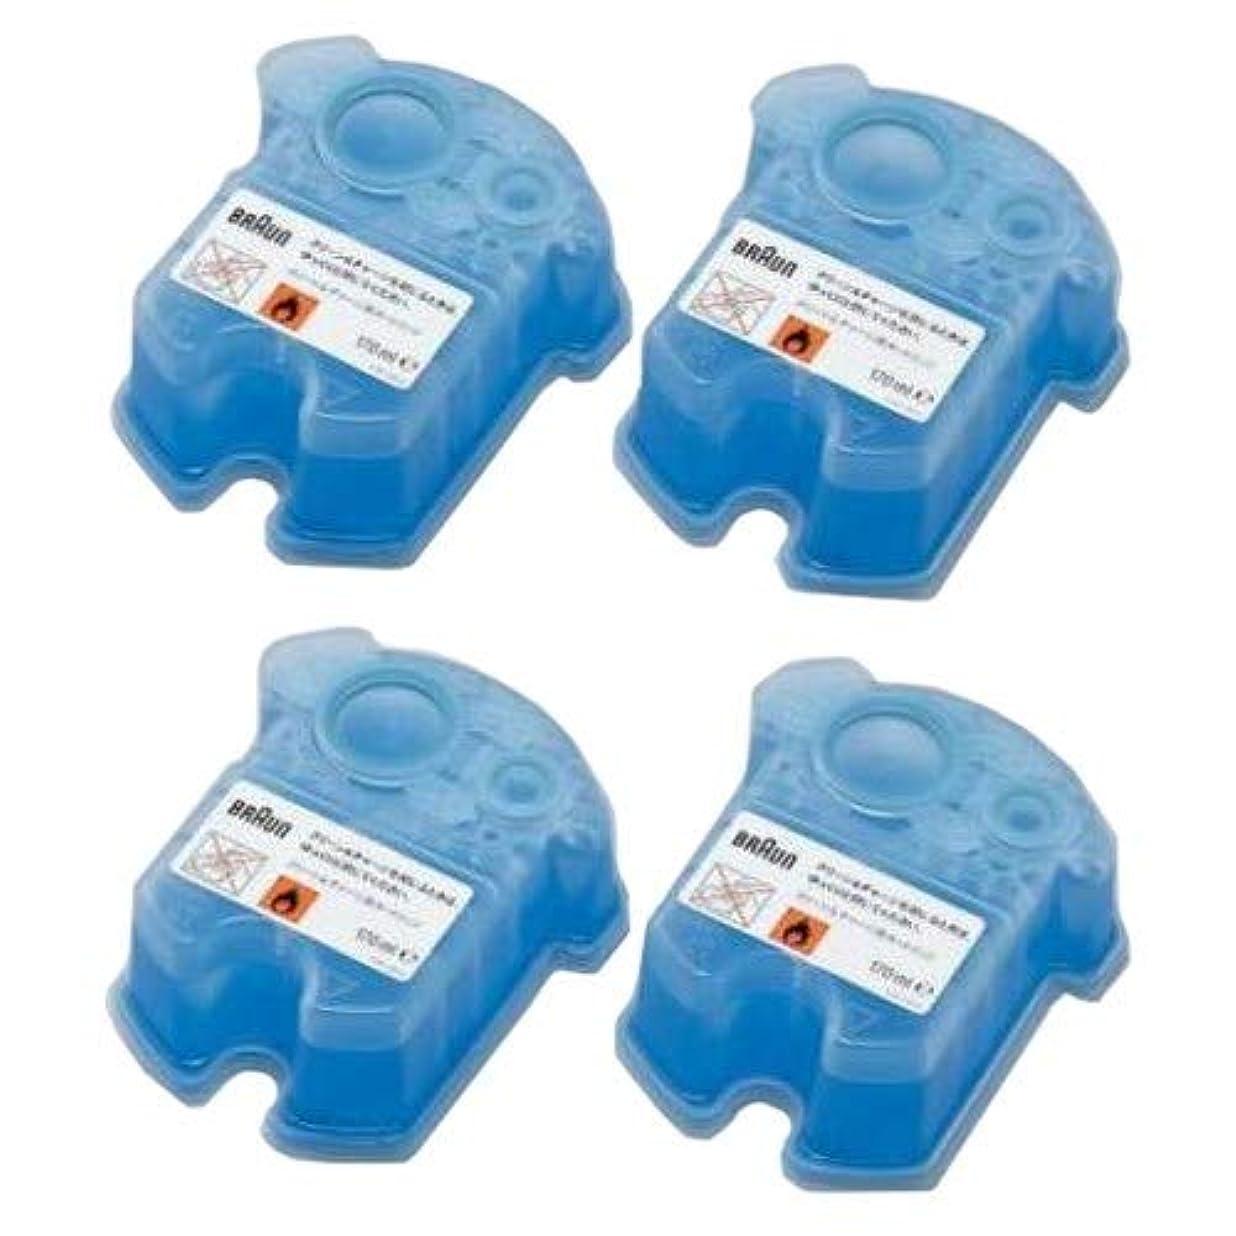 幻想一貫性のない水没【2セット】ブラウン メンズシェーバー アルコール洗浄システム専用洗浄液カートリッジ (4個入×2セット)(計8個) CCR4CR-2SET